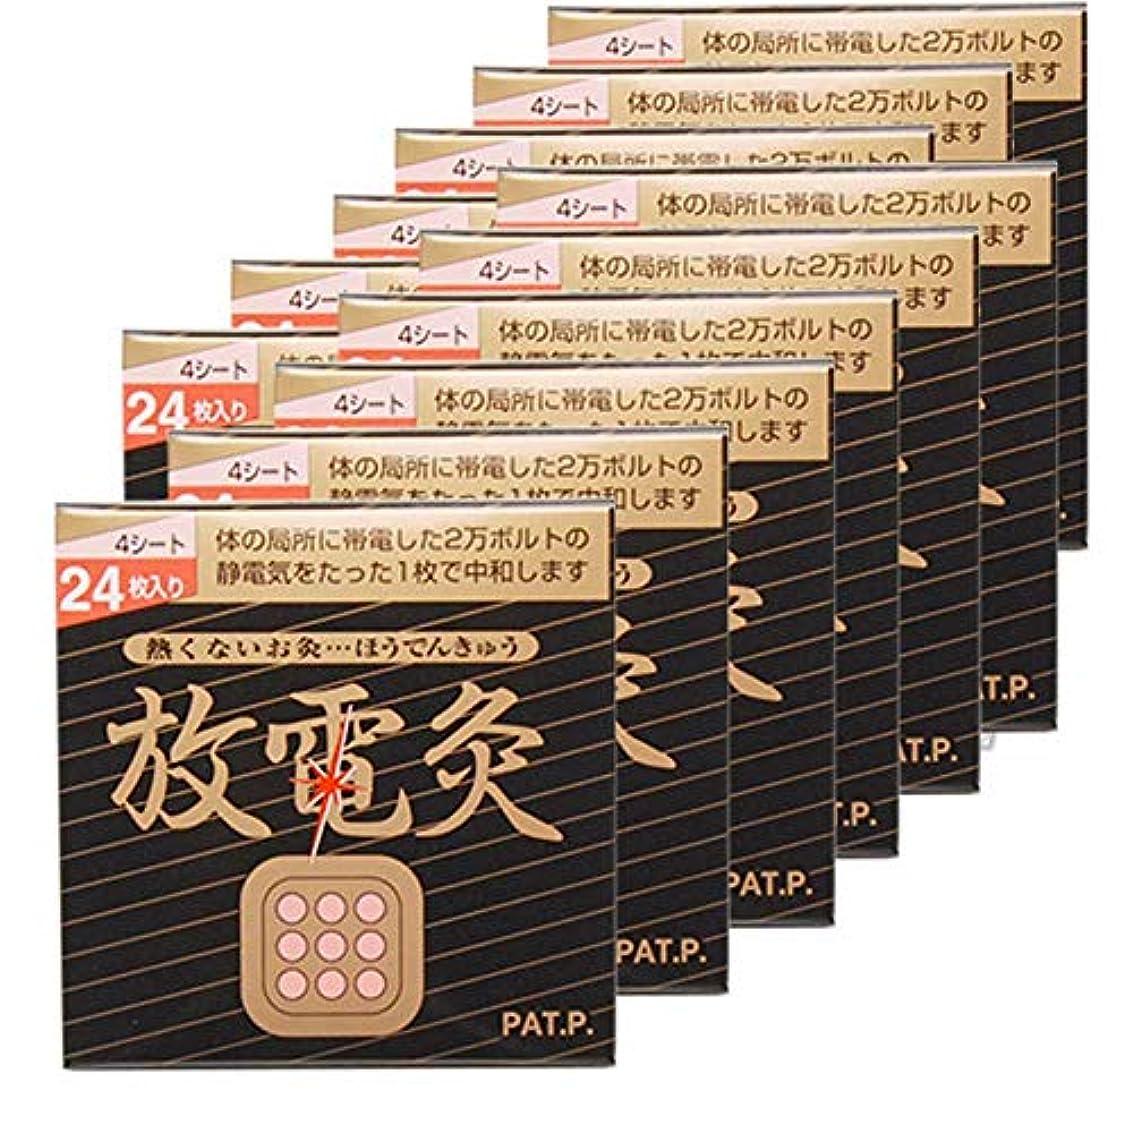 機関車想像力ペチュランス【X12箱セット】 放電灸 4シート(24枚入)